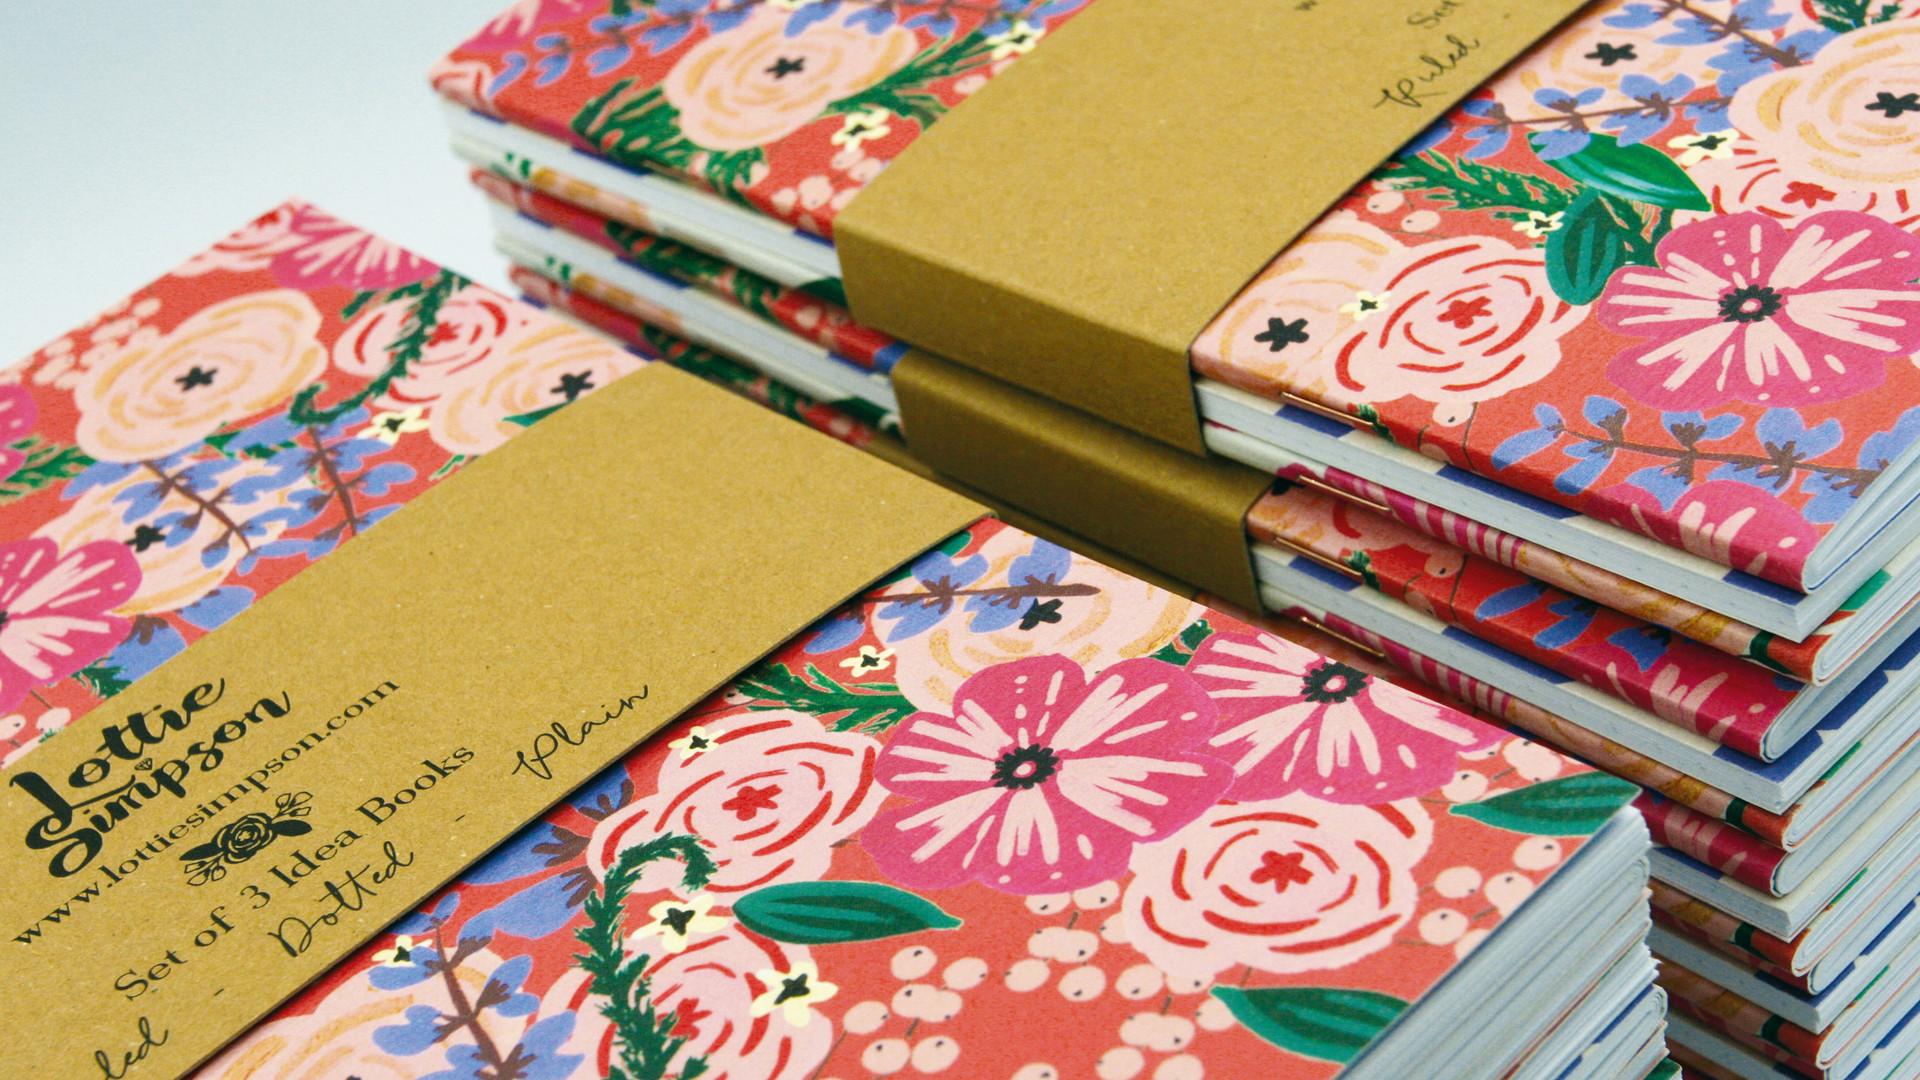 Lottie Simpson Idea Books